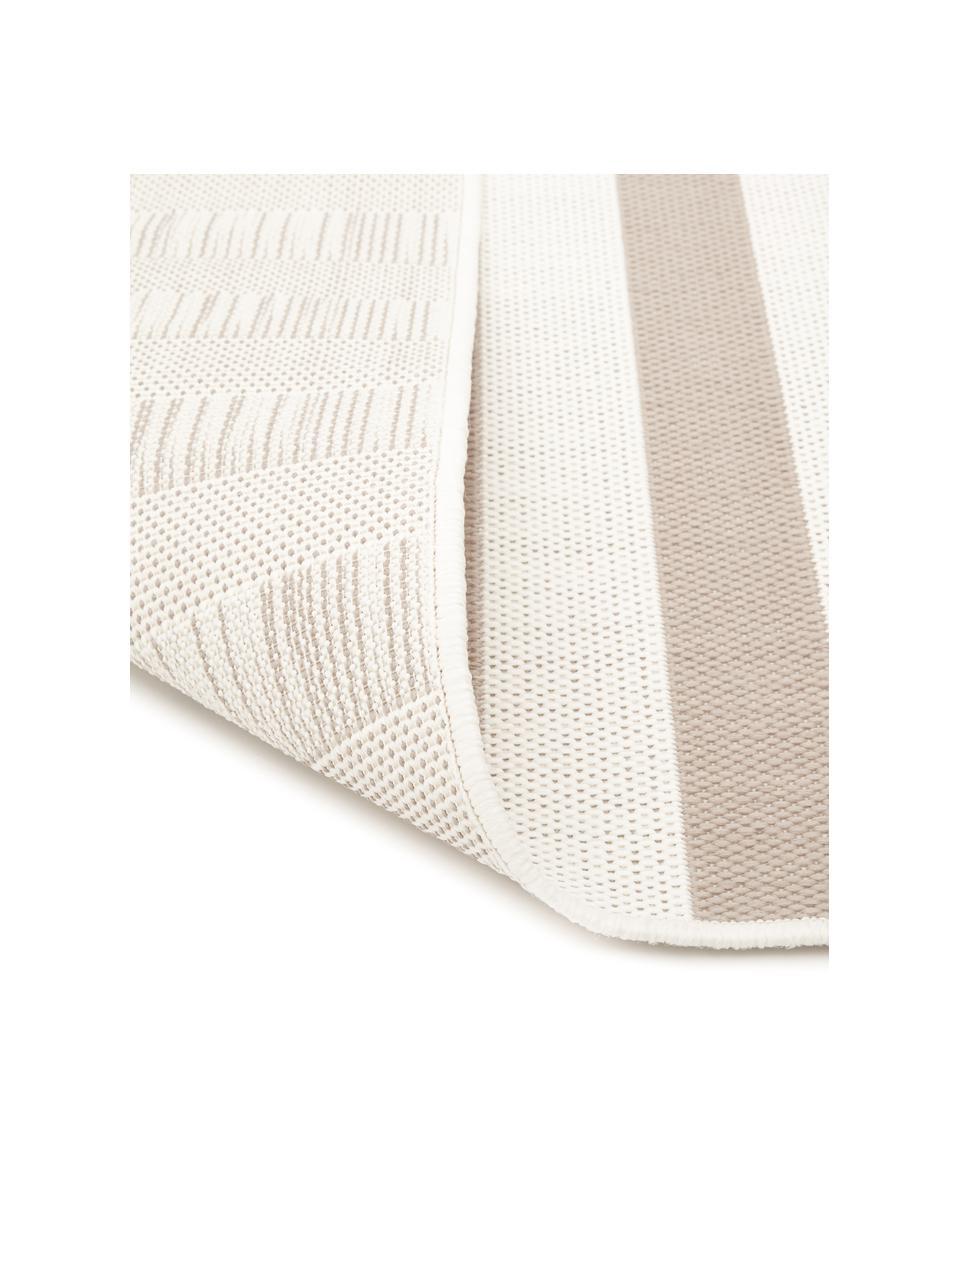 Tappeto beige/bianco a righe da interno-esterno Axa, 86% polipropilene, 14% poliestere, Bianco crema, beige, Larg. 200 x Lung. 290 cm  (taglia L)